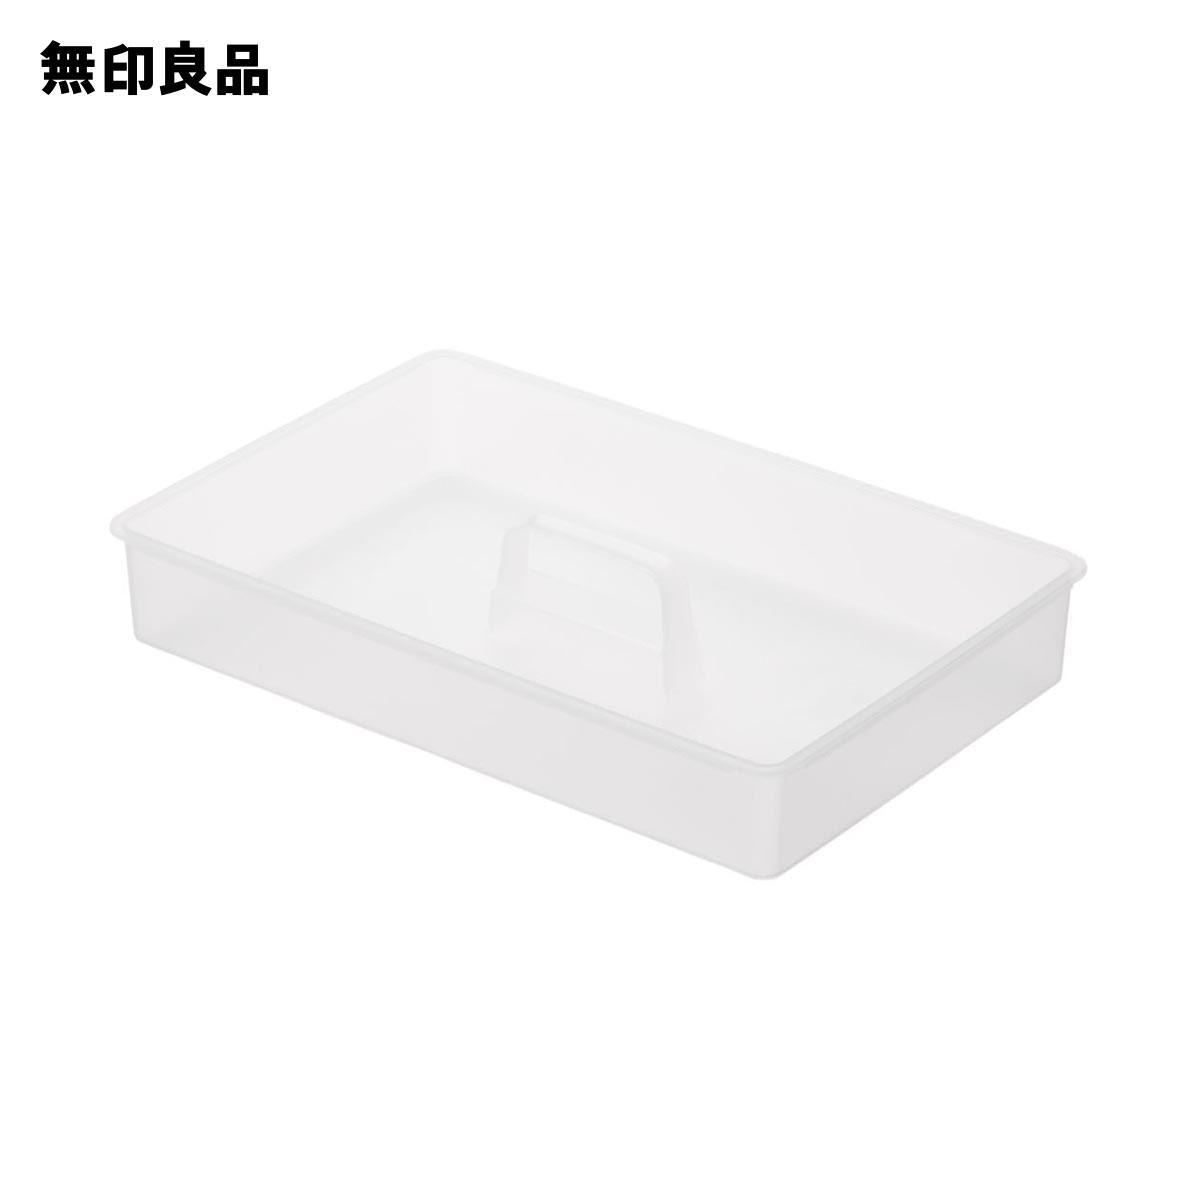 【無印良品 公式】ポリプロピレン収納ボックス・インナートレー 幅35×奥行23×高さ5.5cm